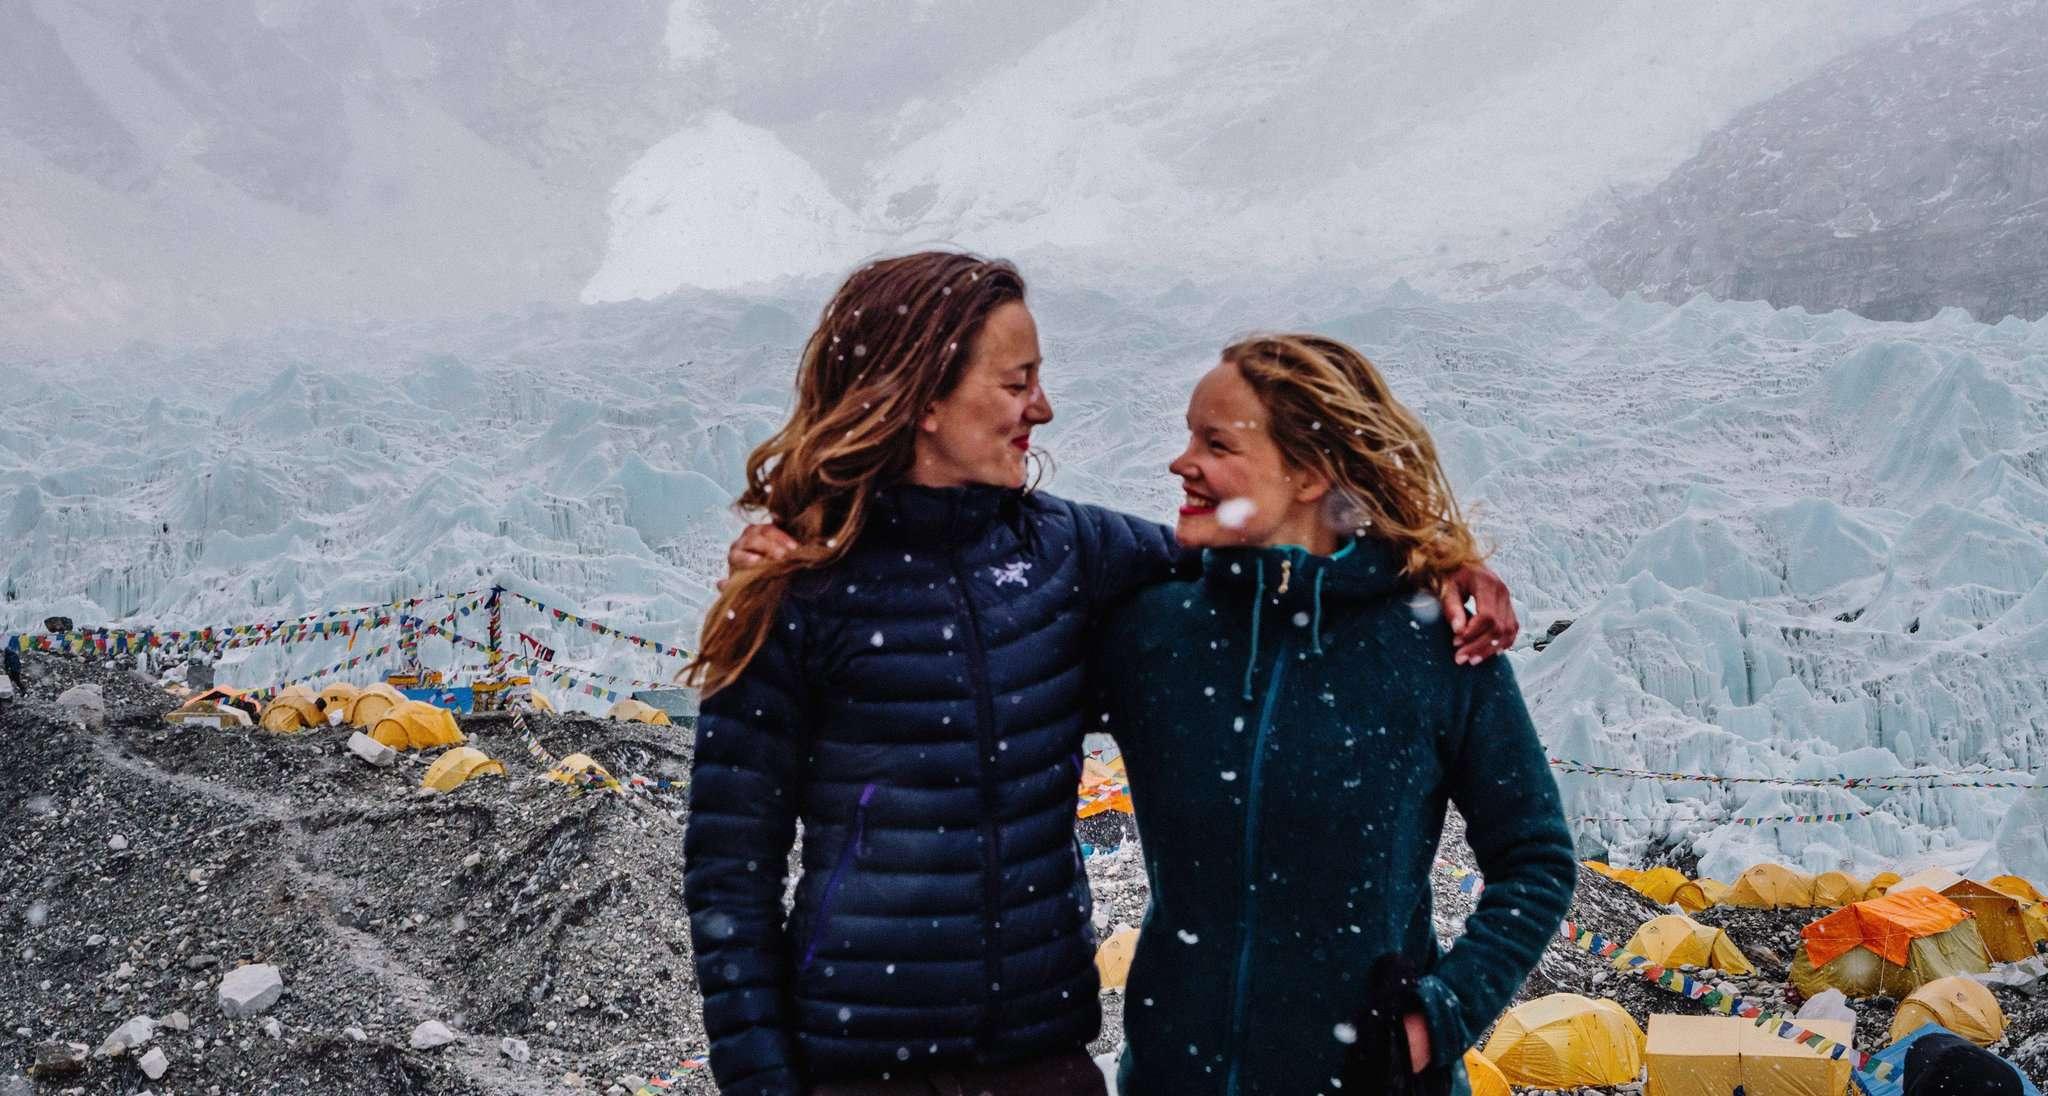 Kristin Hollmann und Valerie Menke haben sich auf ihrer abenteuerlichen Wanderung viele Gedanken zum Thema Freundschaft gemacht.